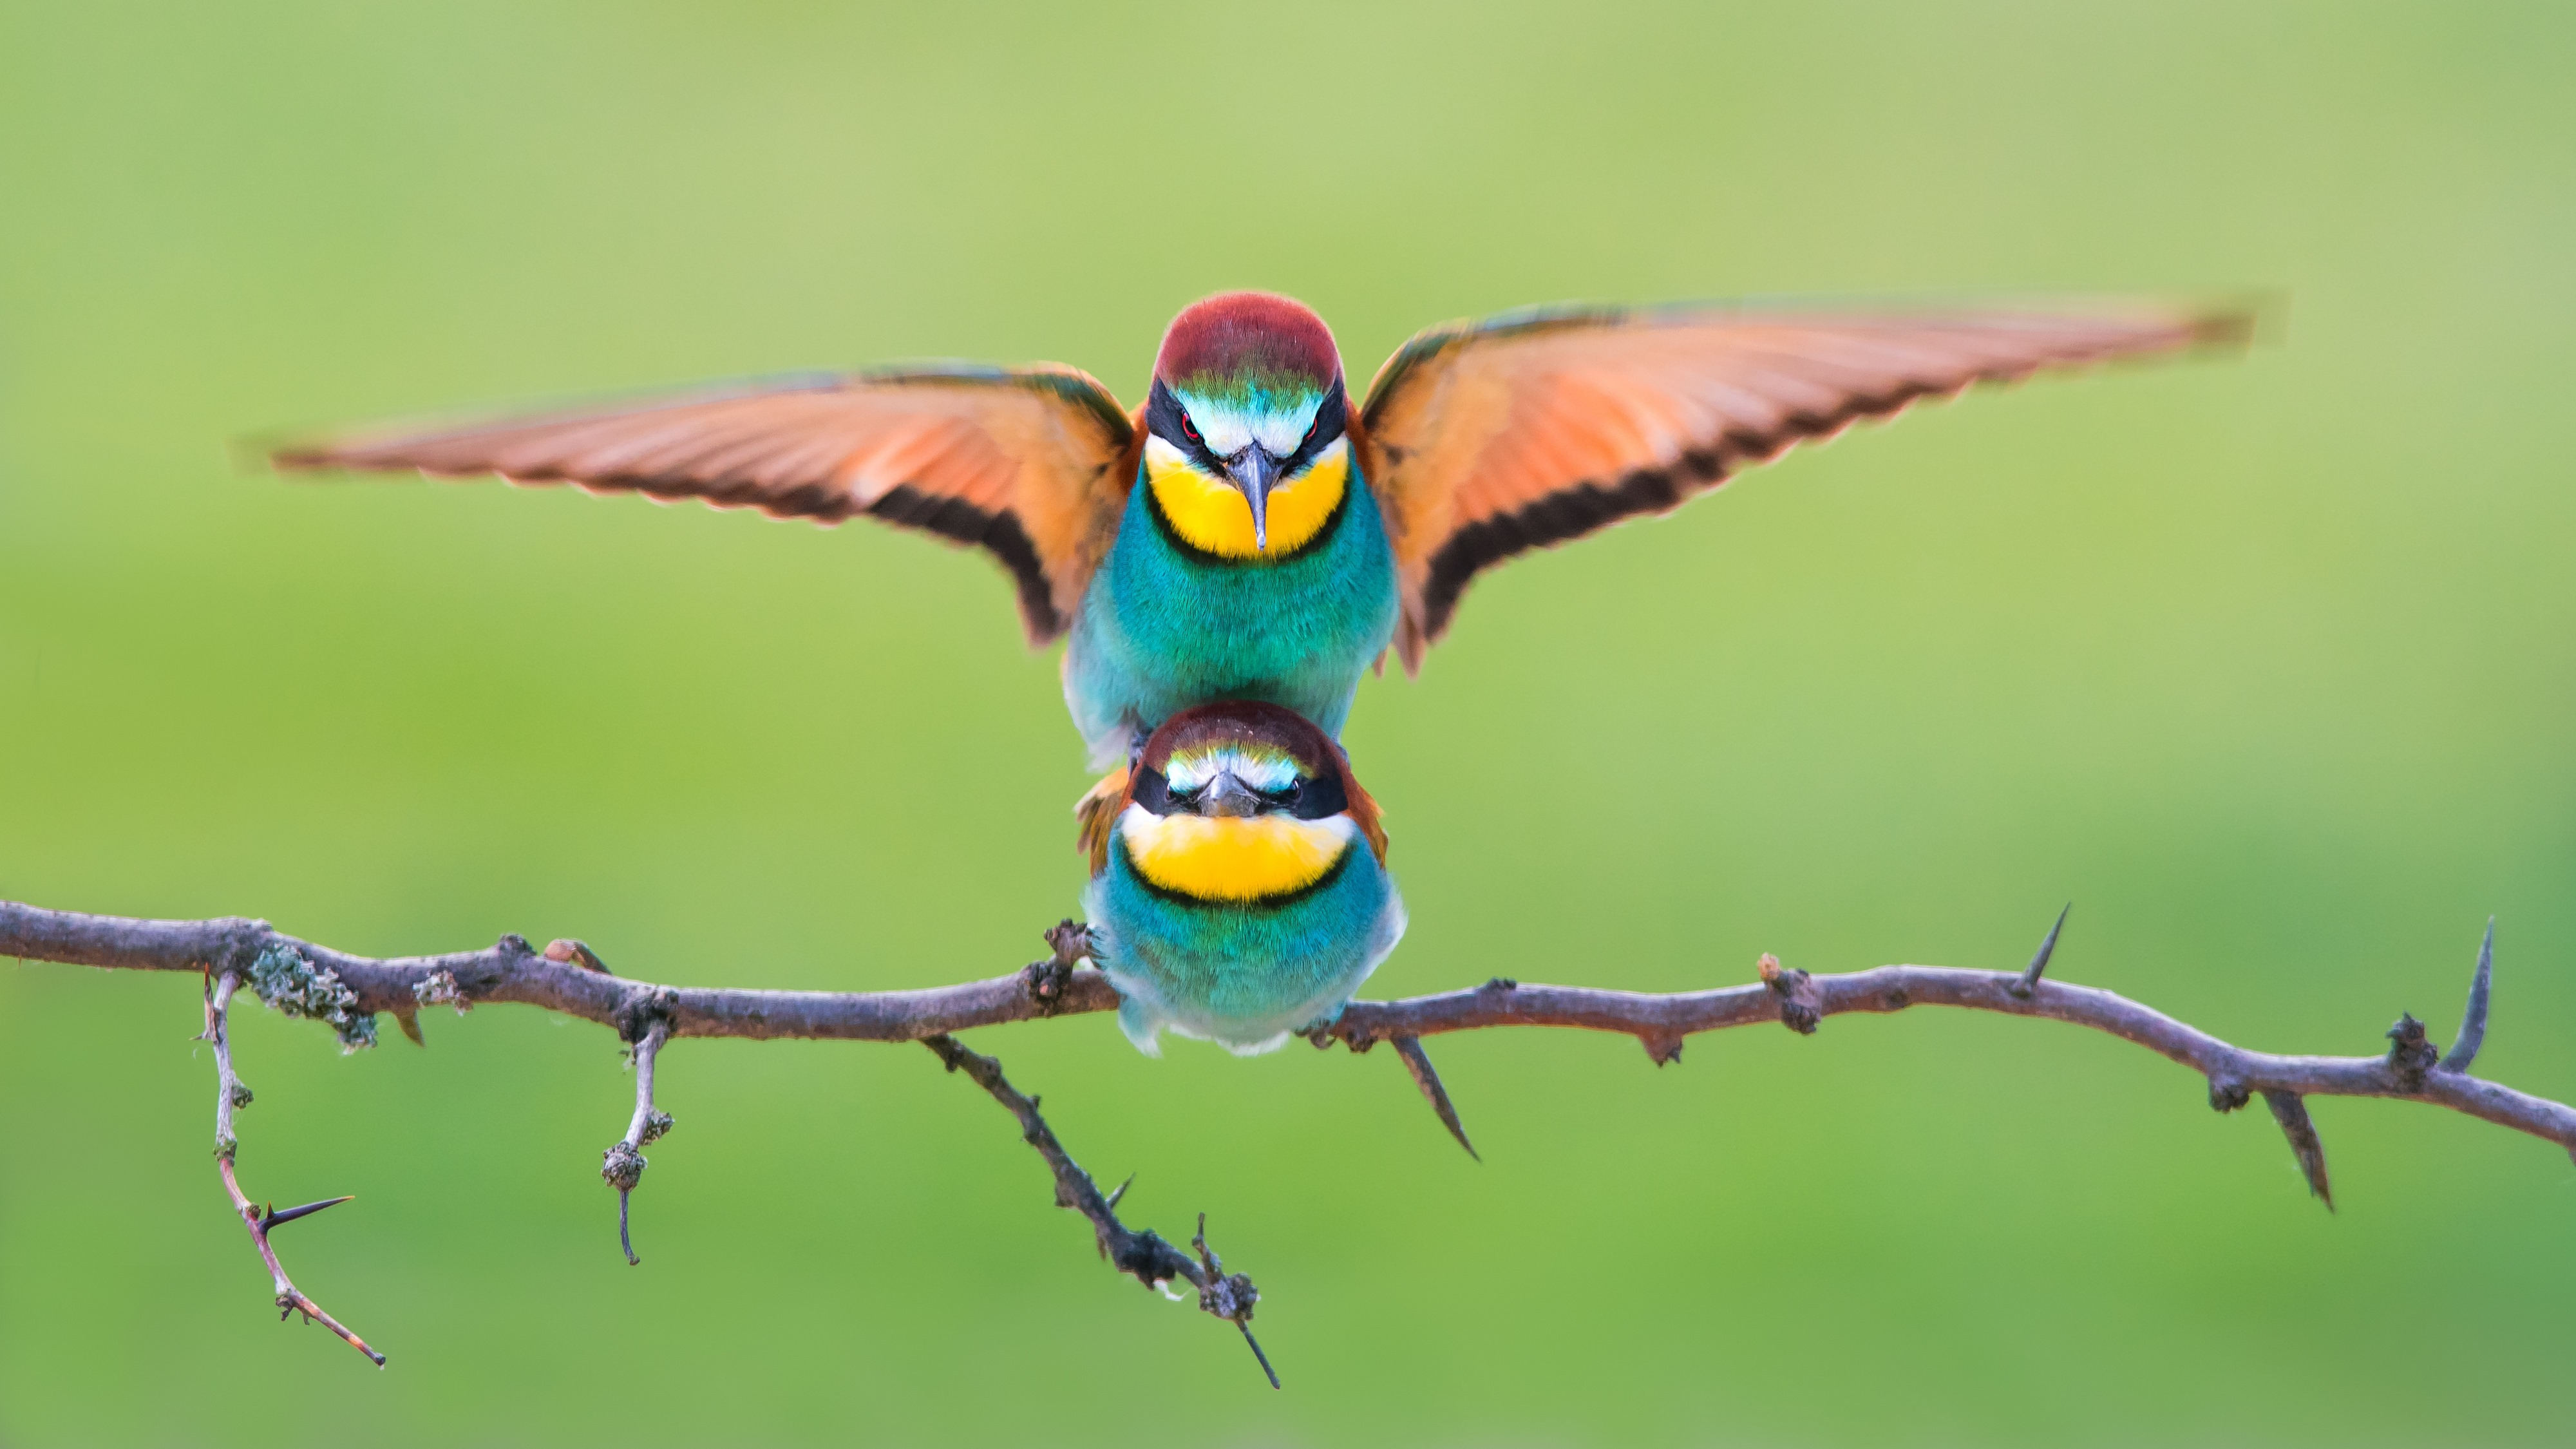 μεγάλο πουλί σόλο τραβεστίελεύθερα pron